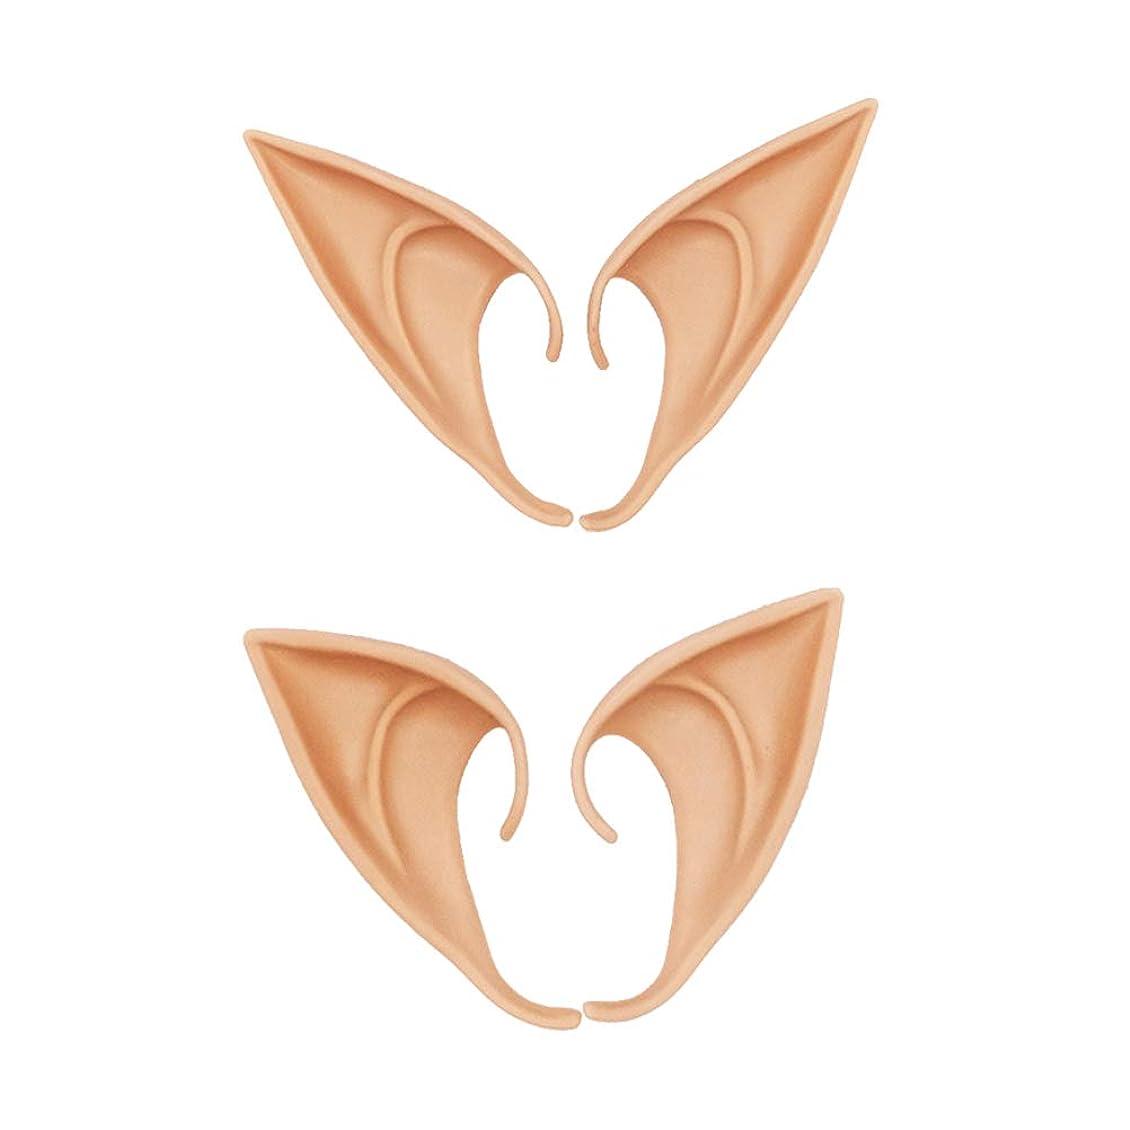 コイルポップ四Toyvian エルフ耳コスプレイースターカーニバルパーティーエルフコスチューム補綴耳偽のヒント耳写真小道具4ピース